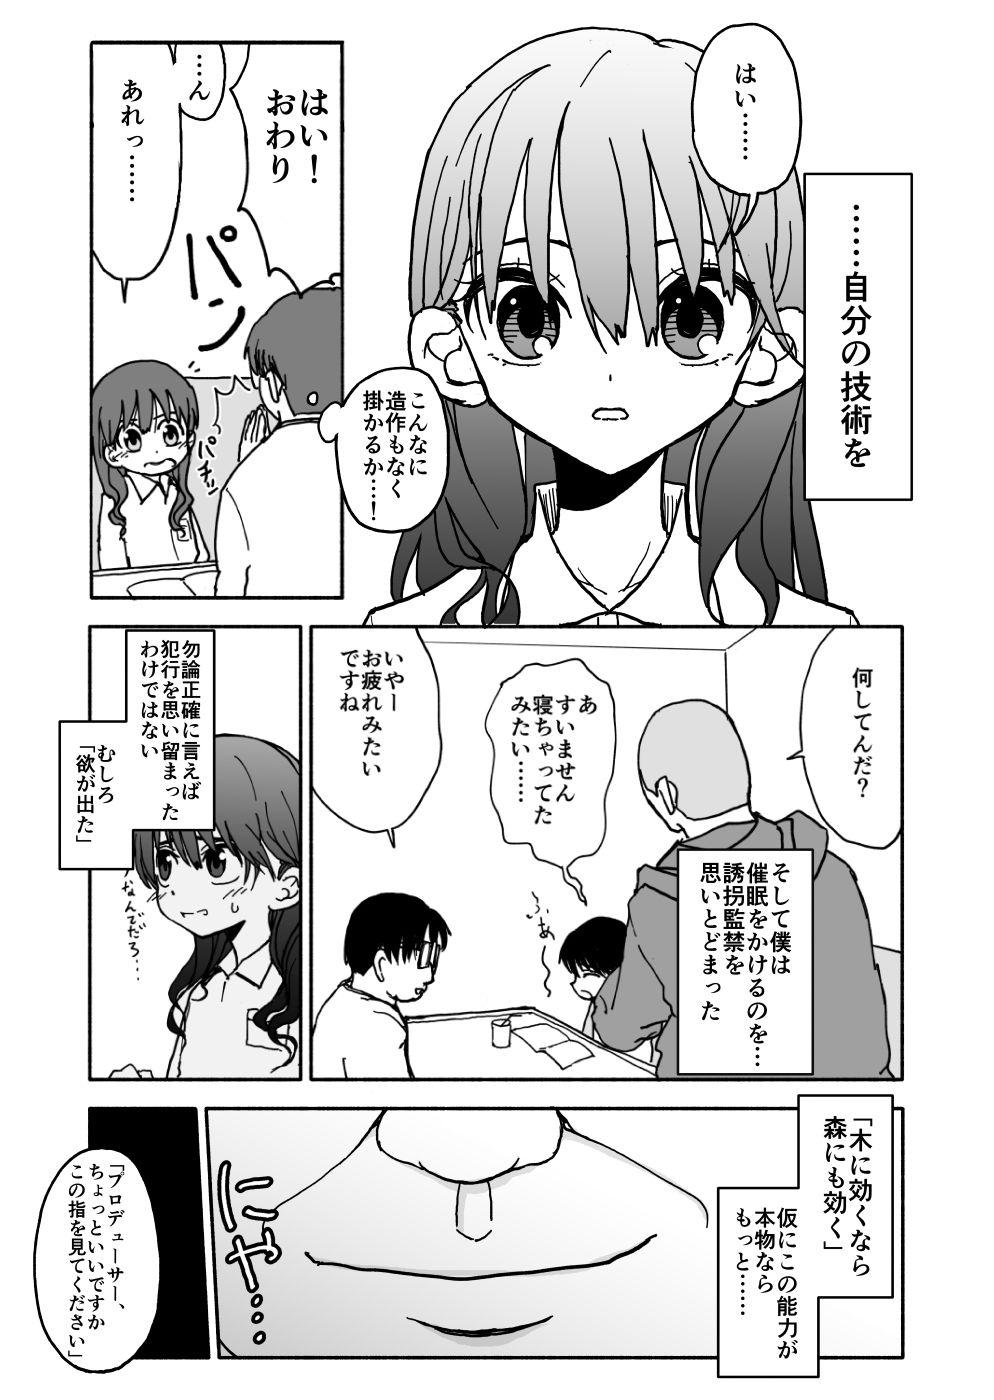 『お菓子作りアイドル☆ギミー!エッチな秘密のとっくん漫画/太ったおばさん』 同人誌